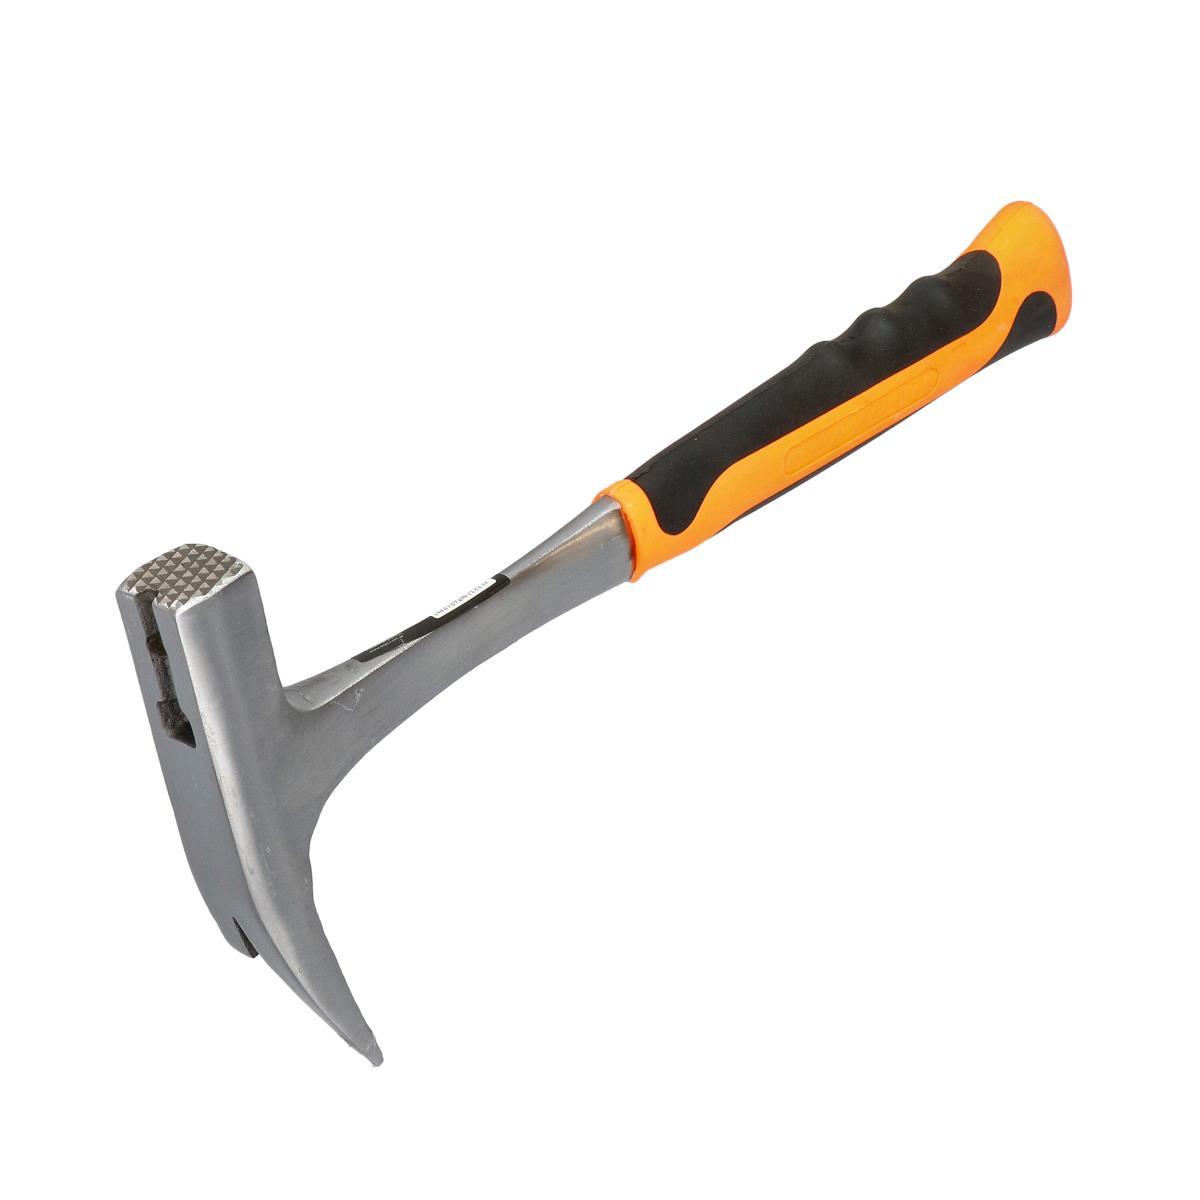 600 g Zimmermannshammer Hammer Klauenhammer Latthammer